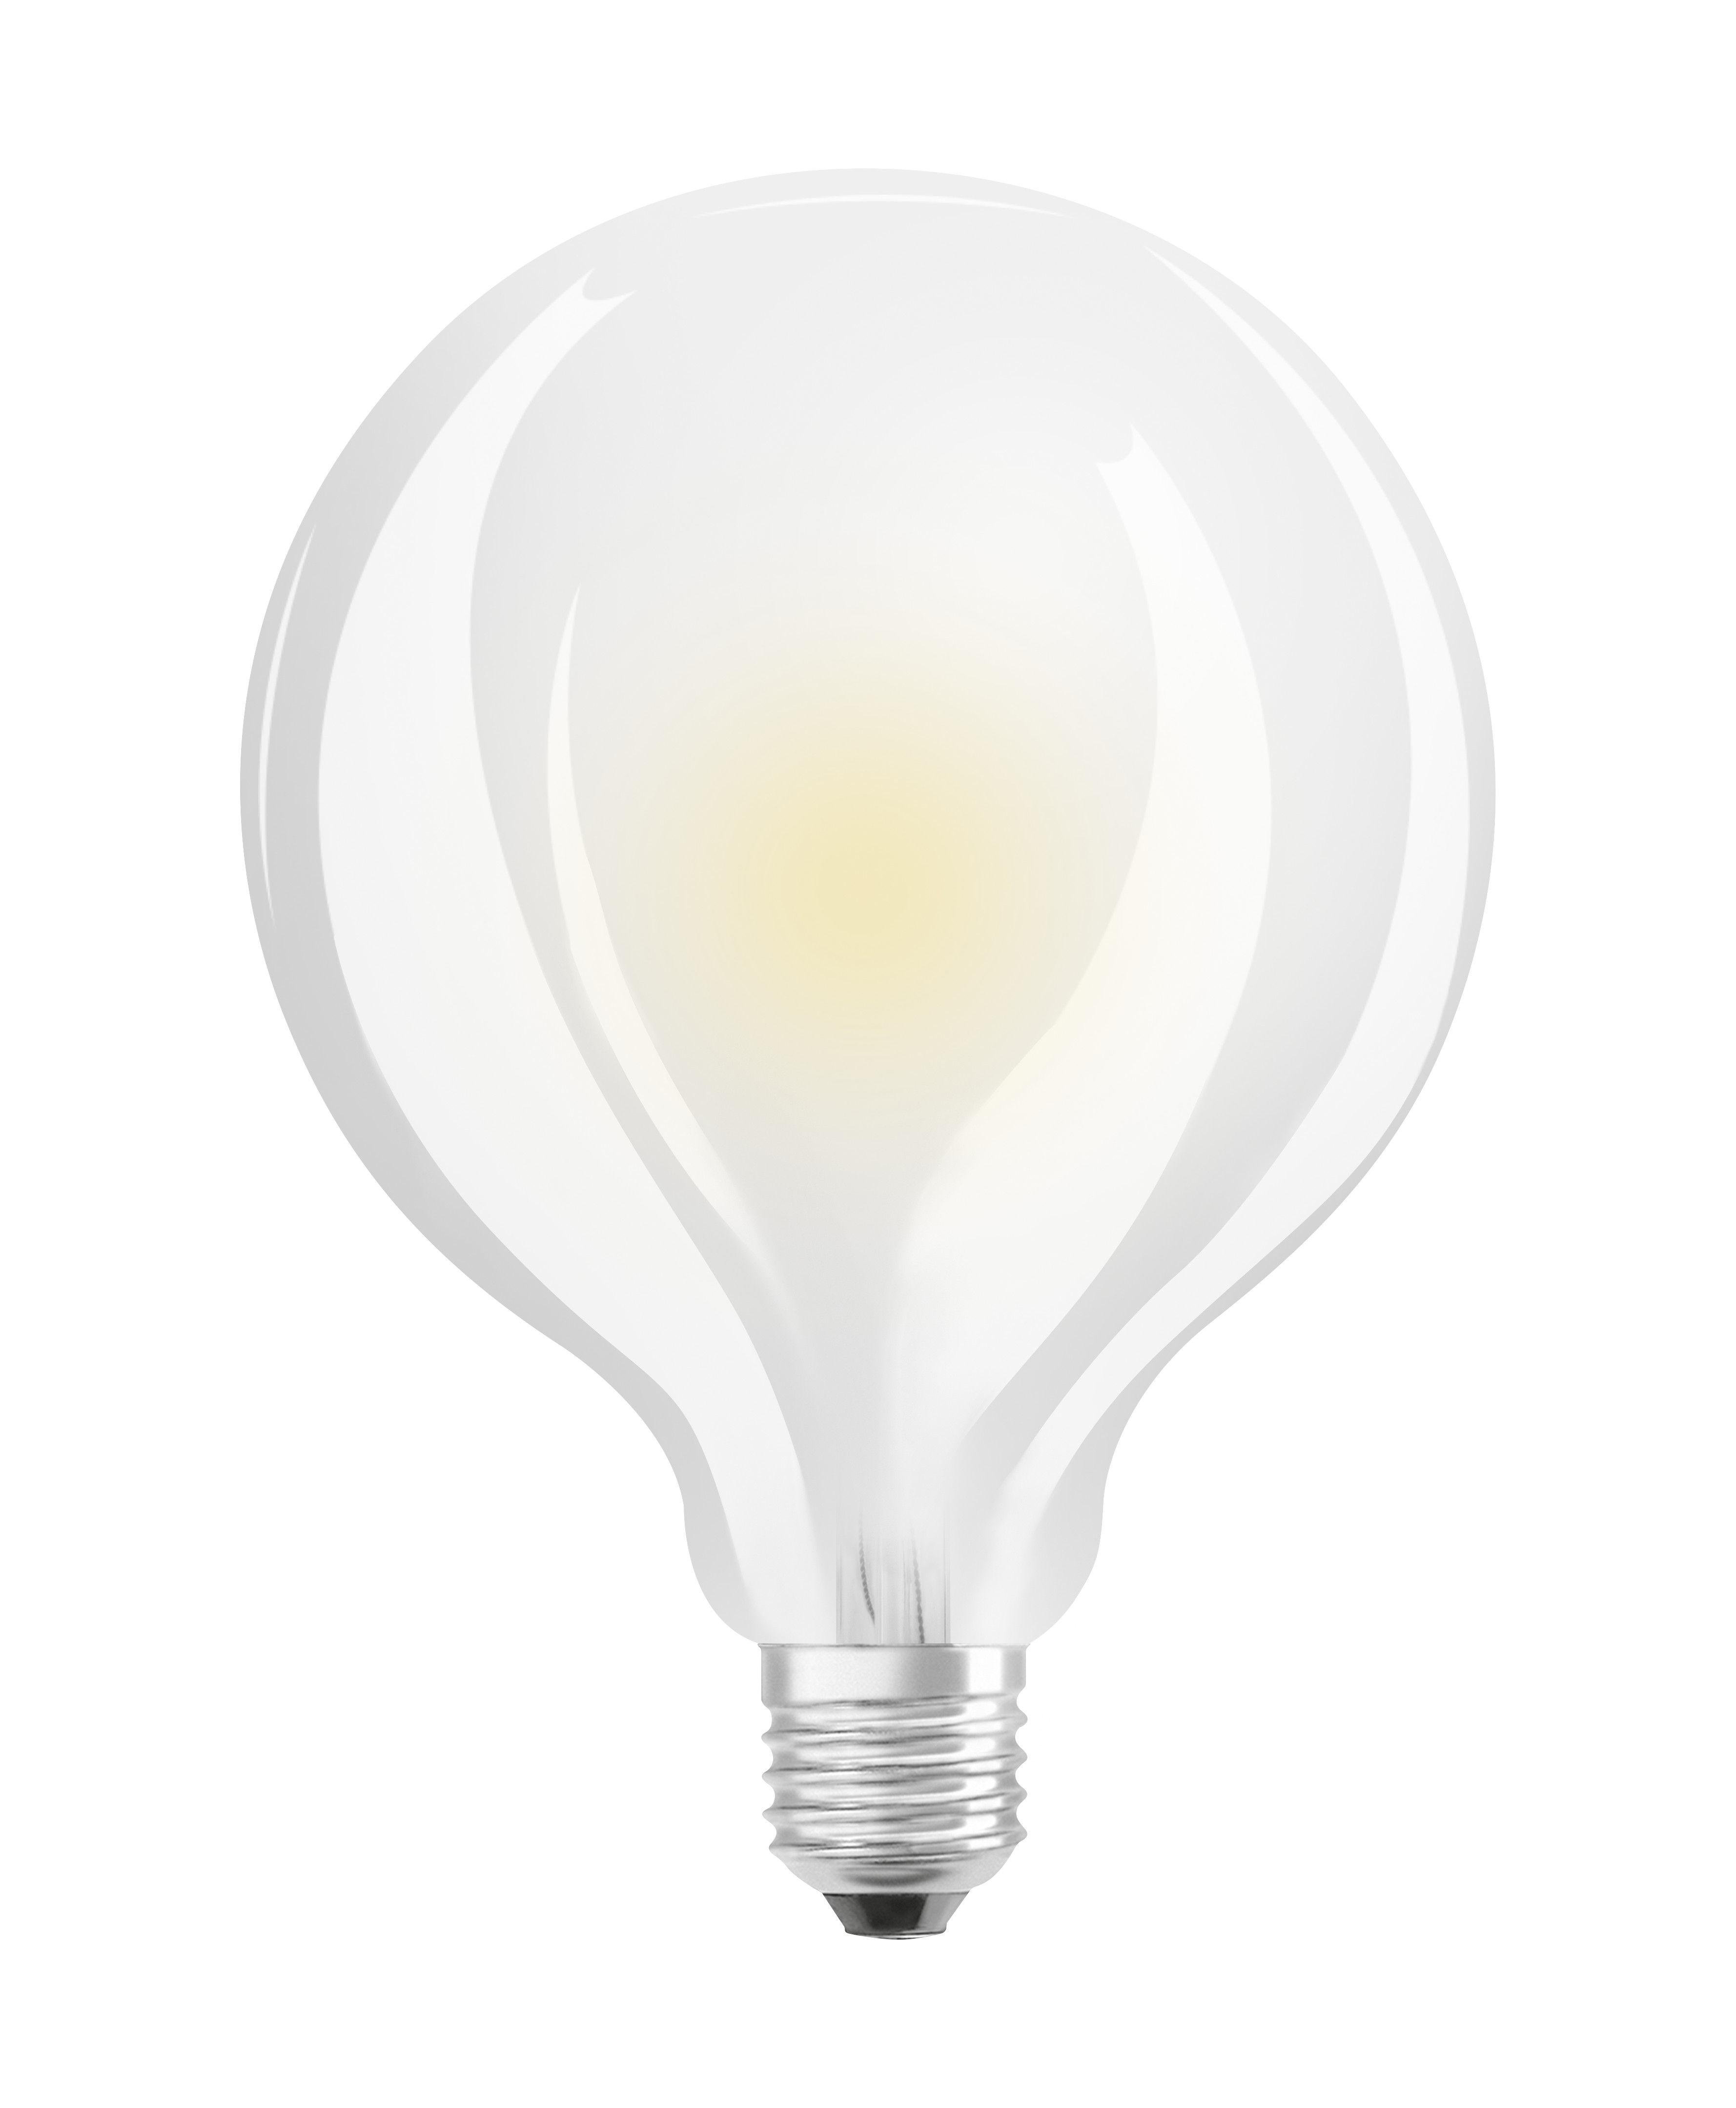 Luminaire - Ampoules et accessoires - Ampoule LED E27 / Globe dépoli 9,5 cm - 11W=100W (2700K, blanc chaud) - Osram - 11W=100W - Verre